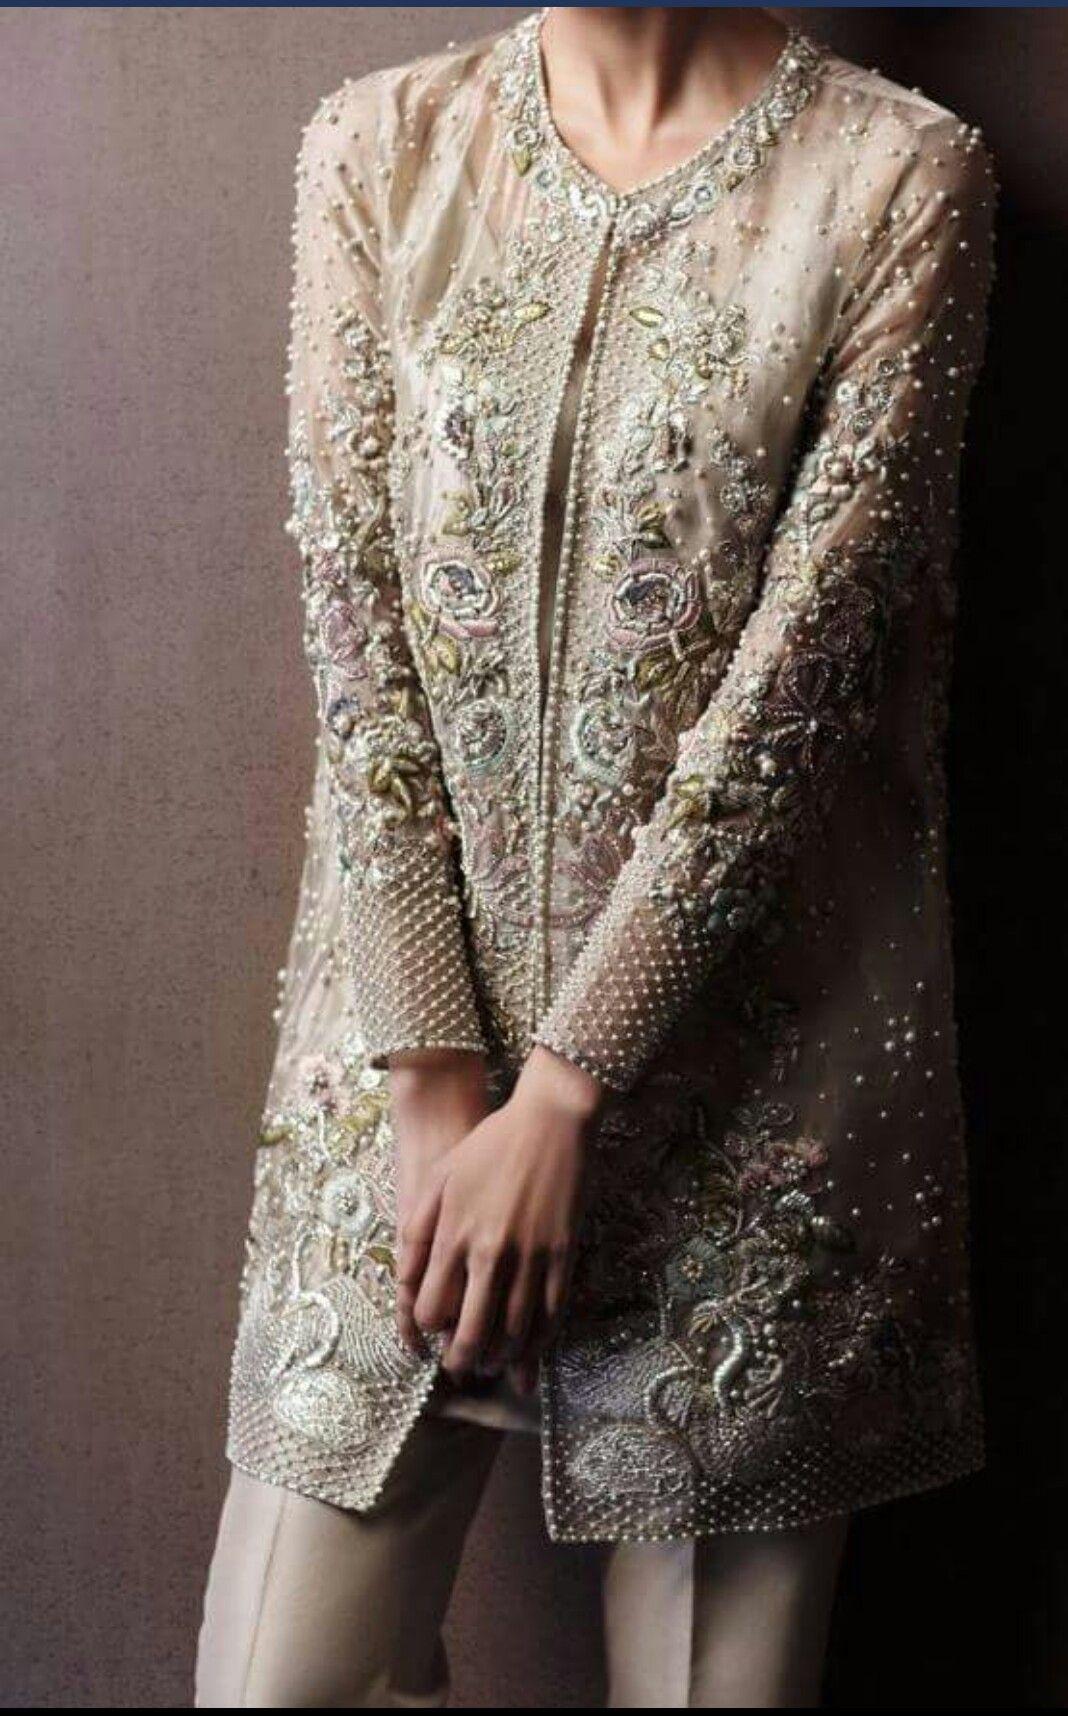 pakistani dress. #fashion #style #pretty #grey